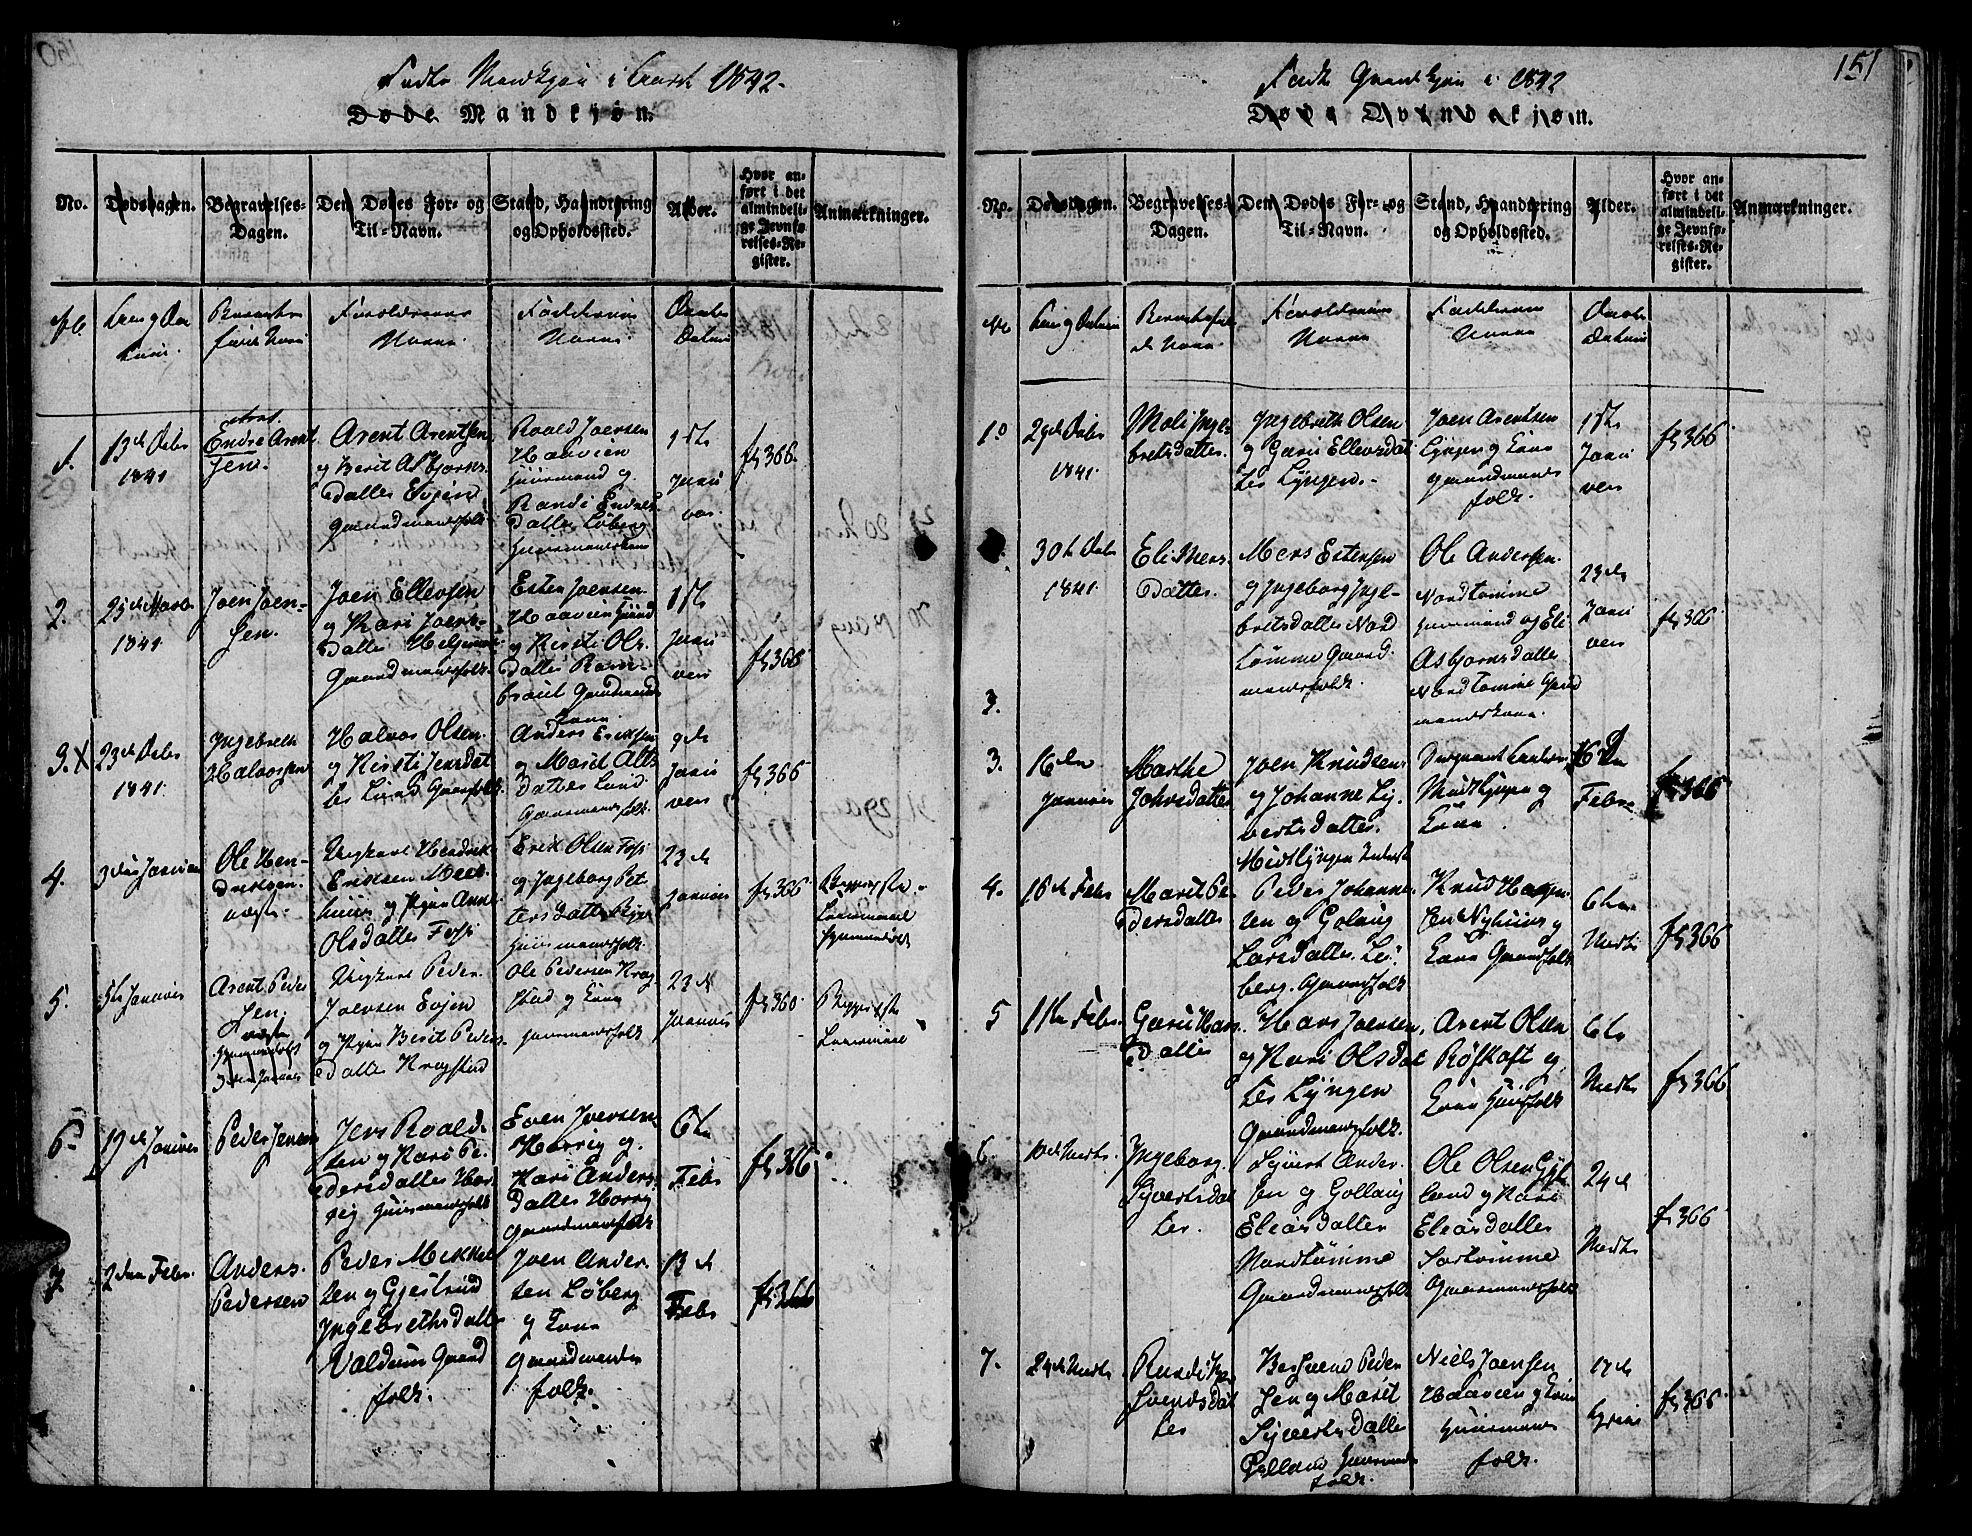 SAT, Ministerialprotokoller, klokkerbøker og fødselsregistre - Sør-Trøndelag, 692/L1102: Ministerialbok nr. 692A02, 1816-1842, s. 151